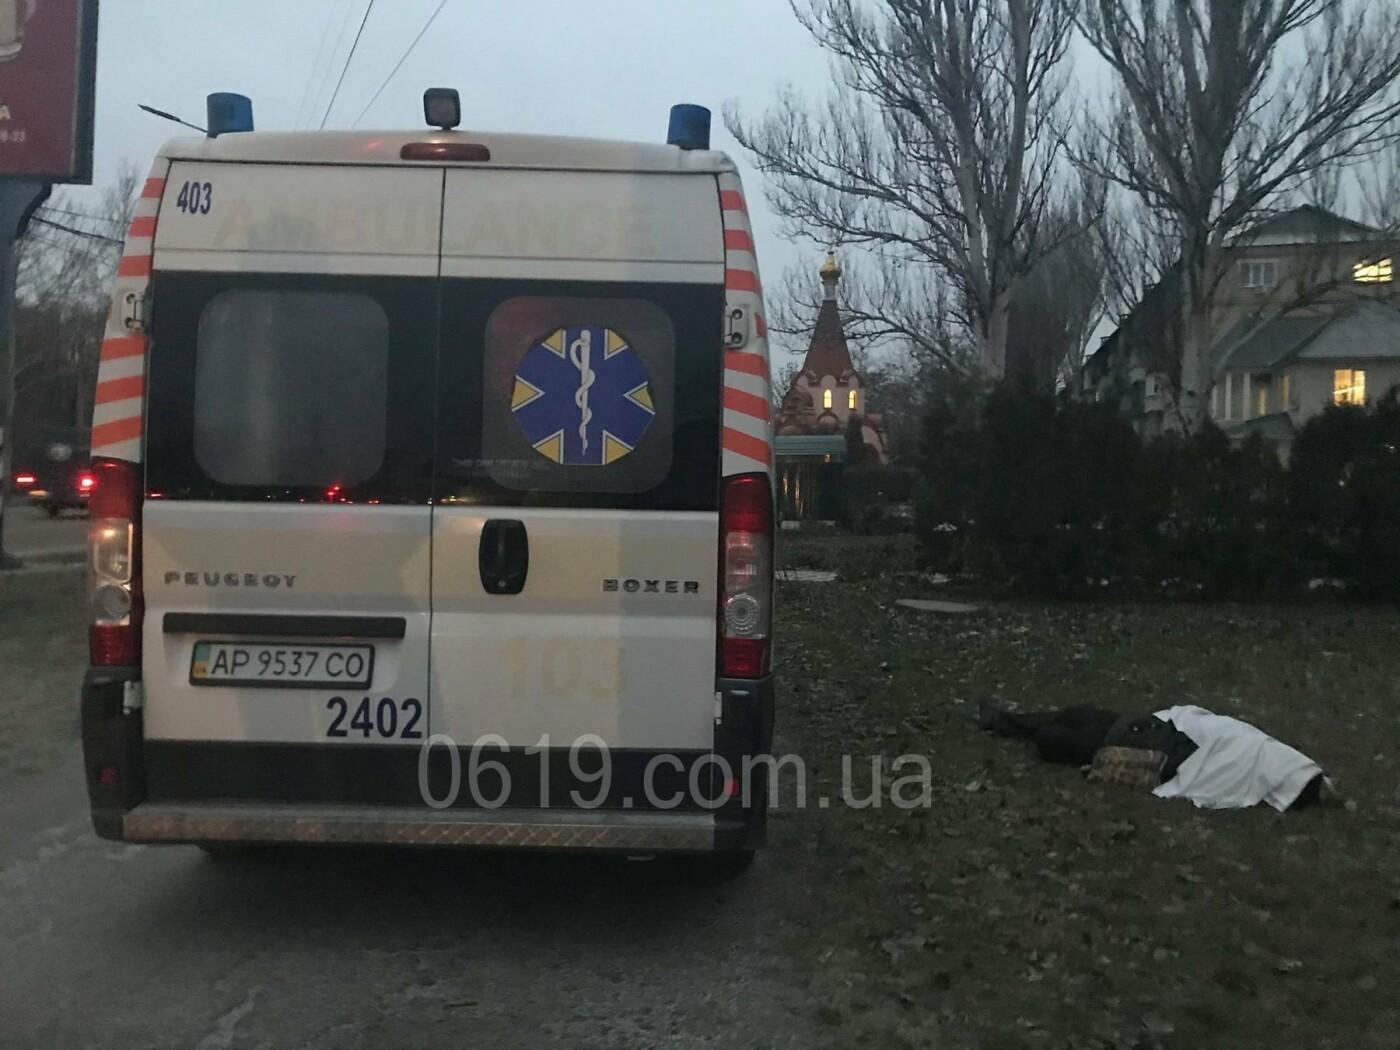 В Мелитополе тело мертвого мужчины не забирают с улицы из-за отсутствия полиции, - ФОТО, фото-2